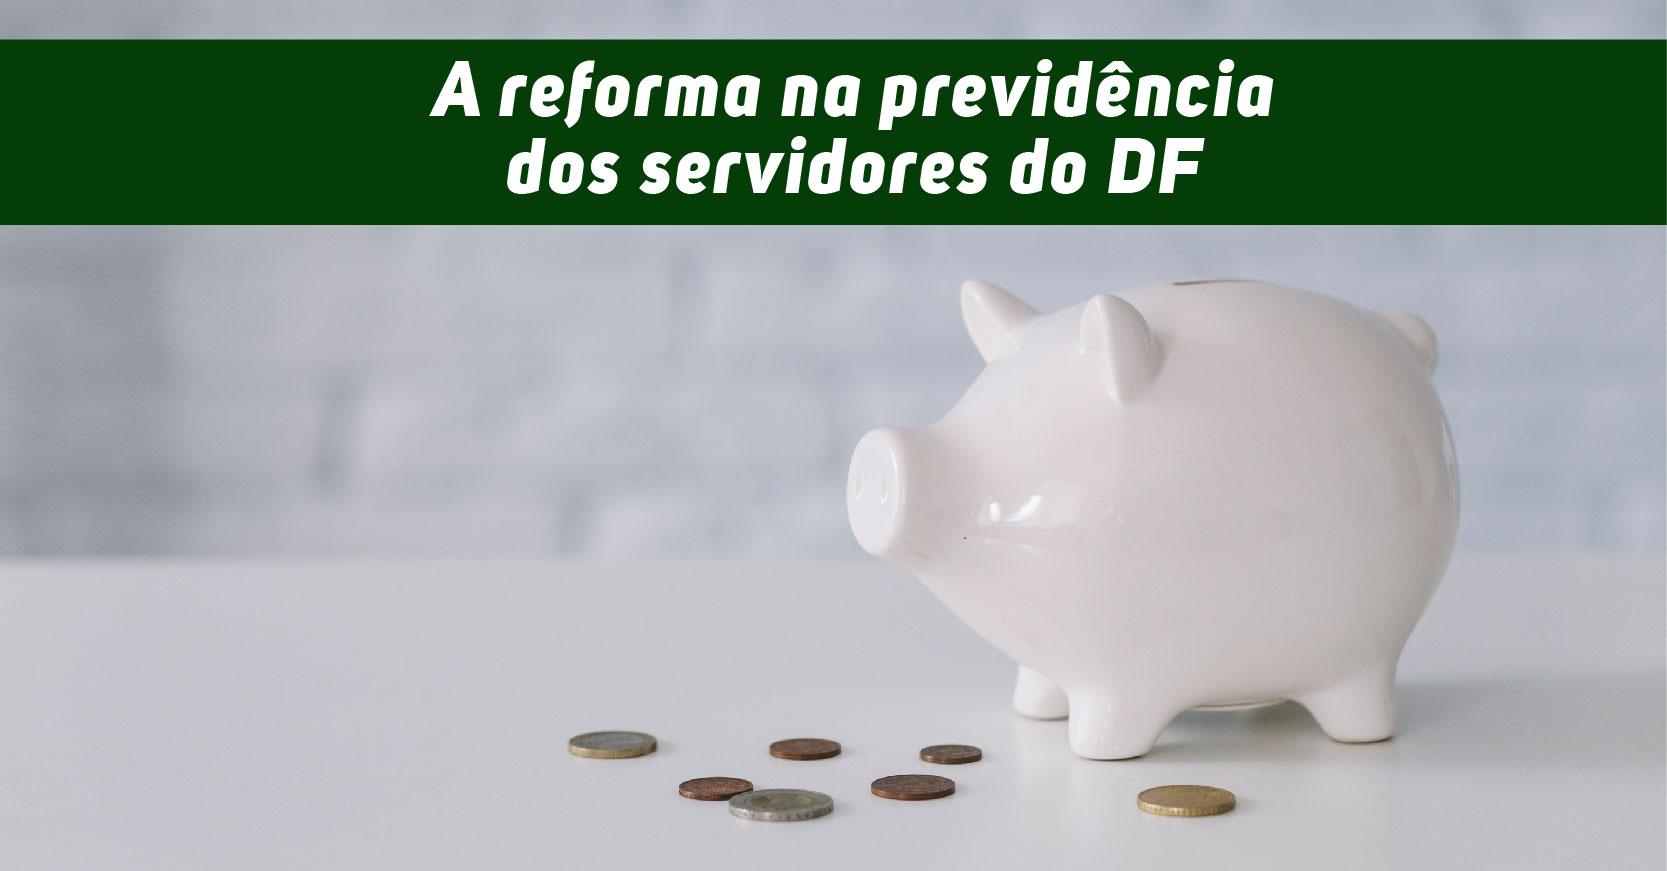 Reforma da previdência para servidores públicos do DF